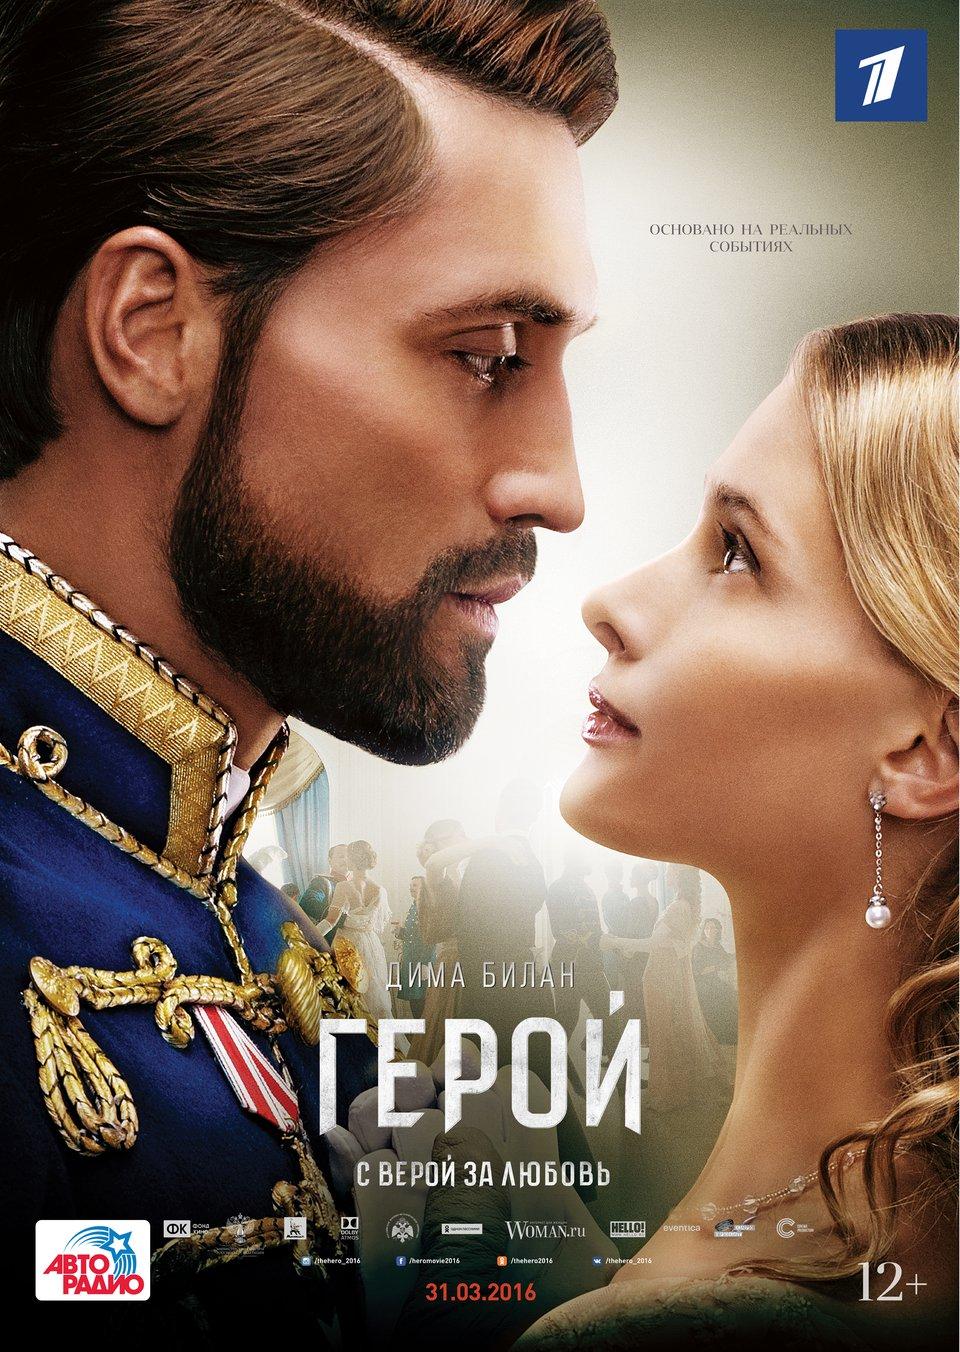 Русские филми смотреть бесплатно 21 фотография